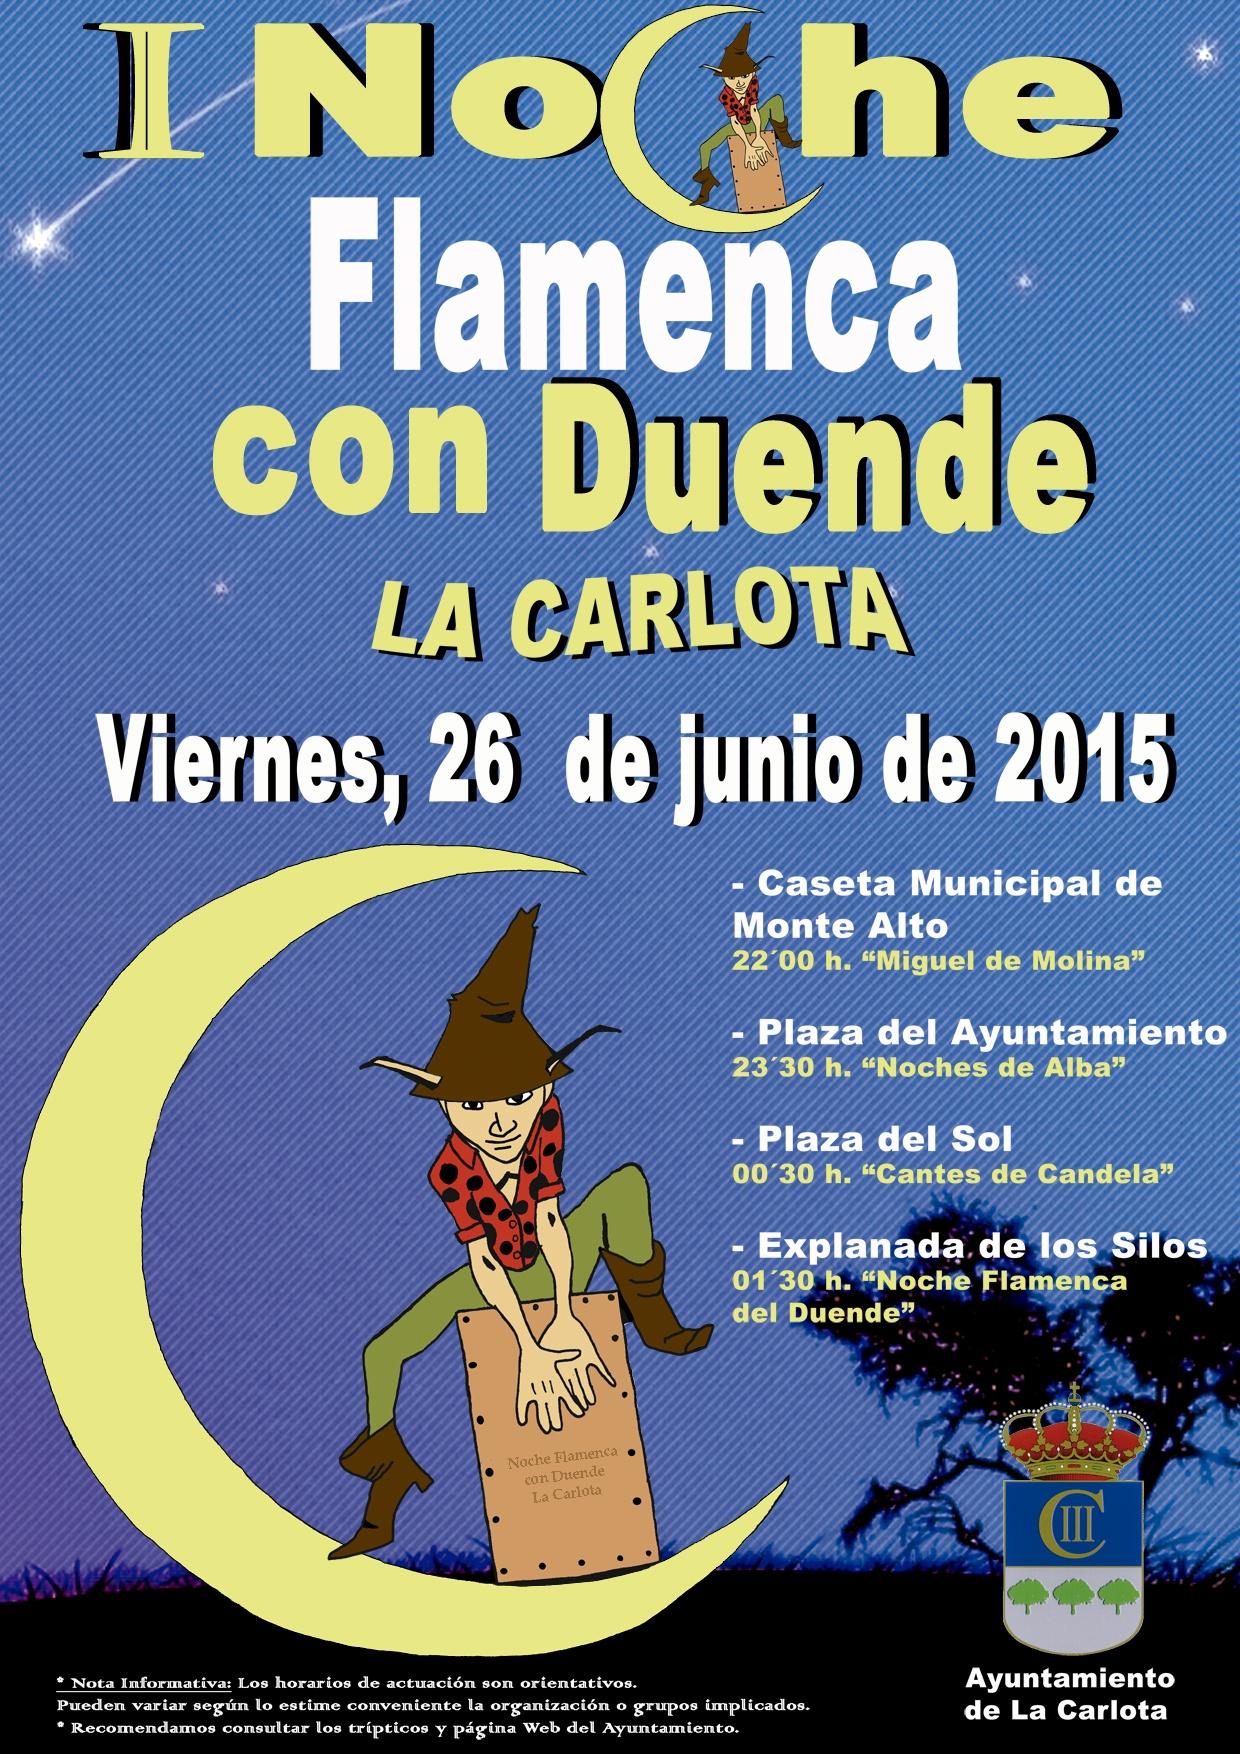 I Noche Flamenca con Duende de La Carlota 1